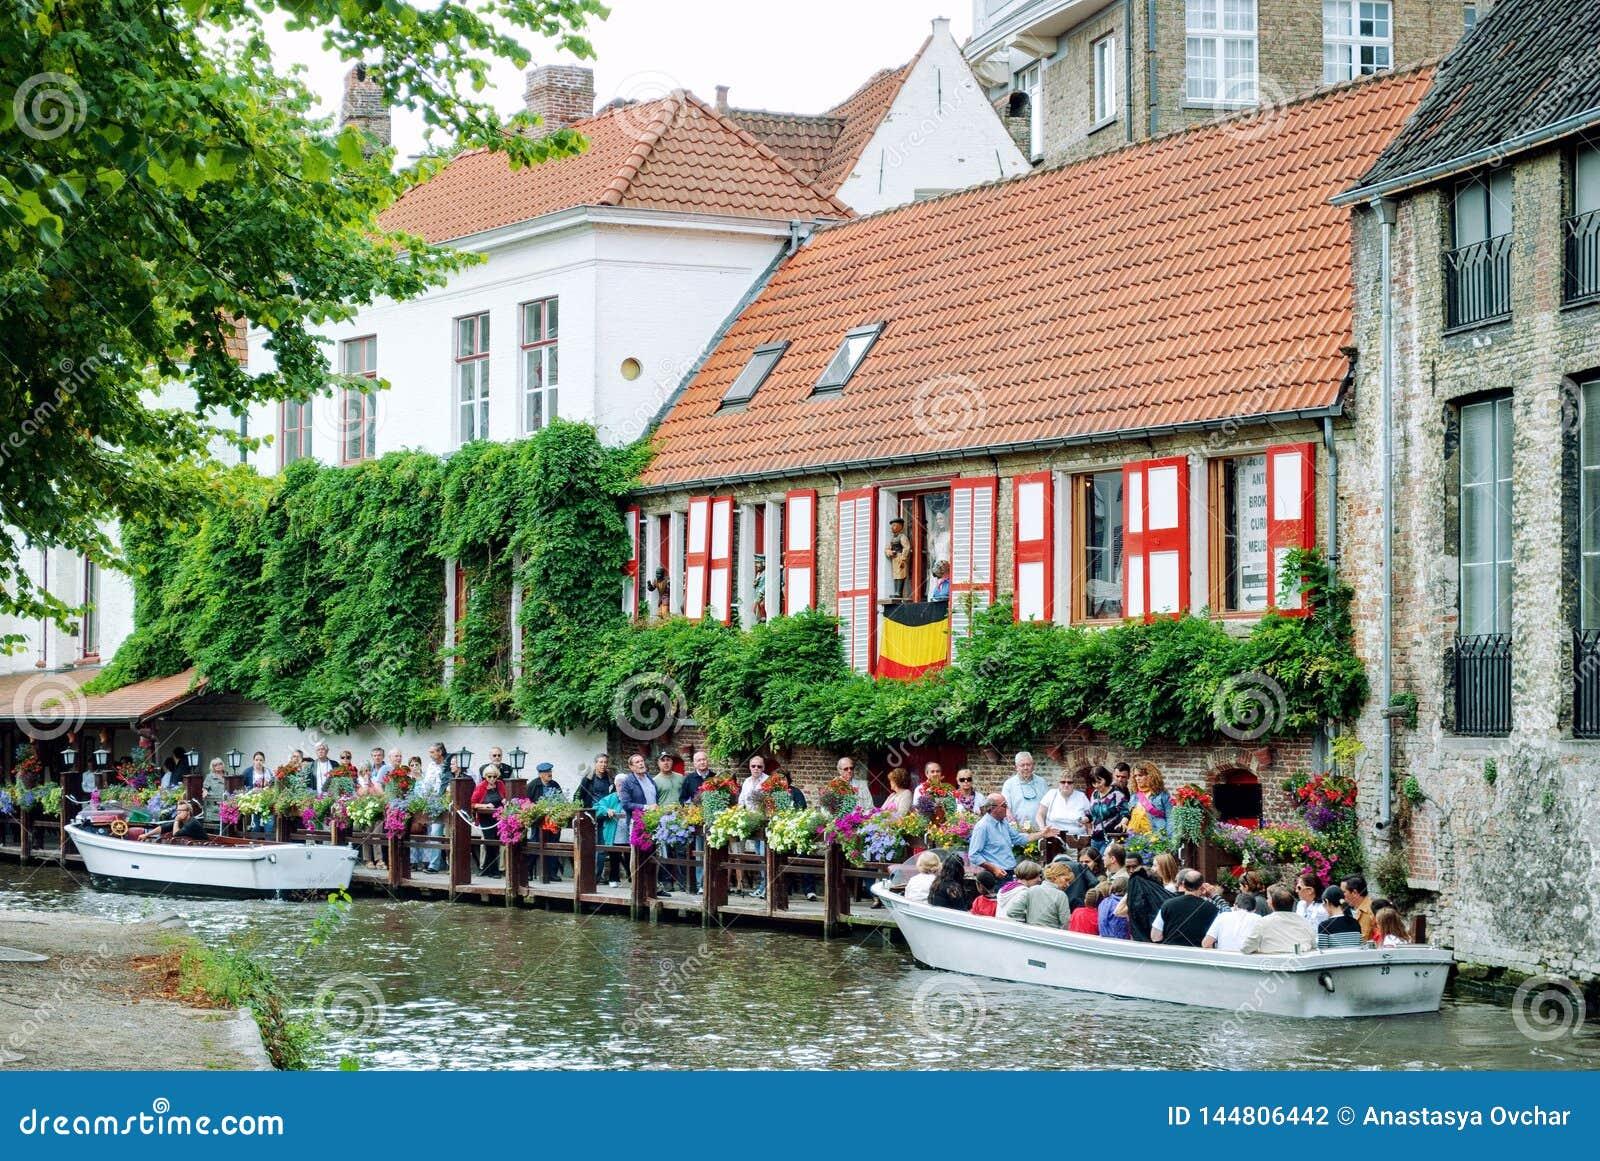 Brugge, België - Augustus 2010: Toeristen die zich in een rij op de pijler voor hun rondvaart langs de kanalen van de stad bevin